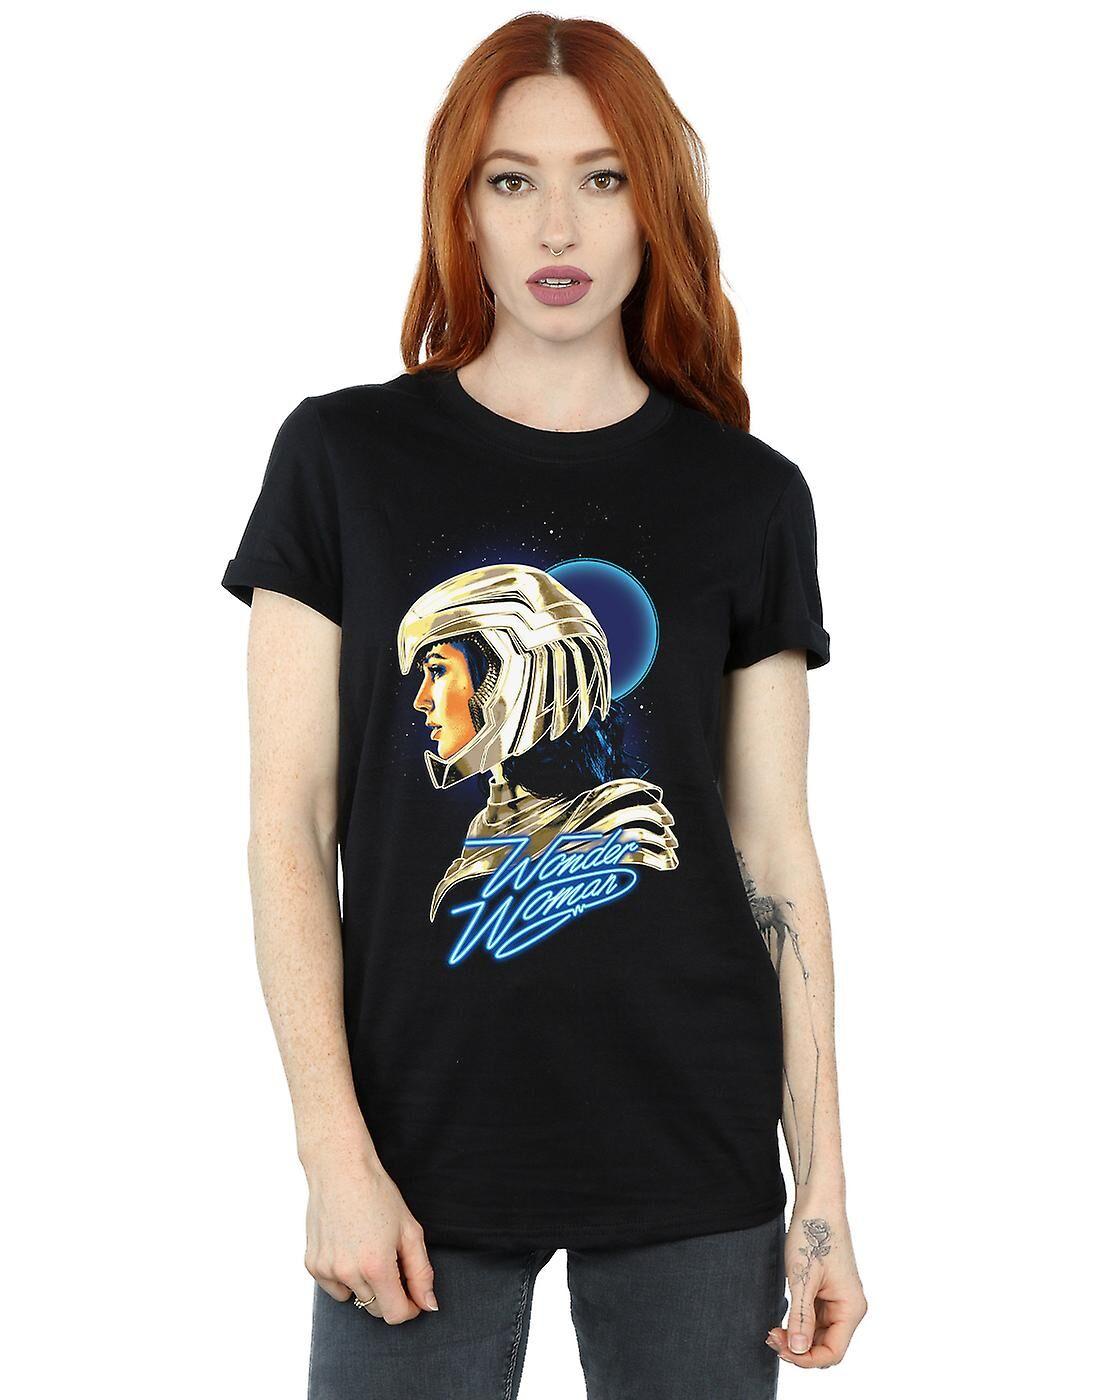 Absolute Cult DC Comics Femmes-apos;s Wonder Woman 84 Rétro Gold Helmet Boyfriend Fit T-Shirt Noir Large